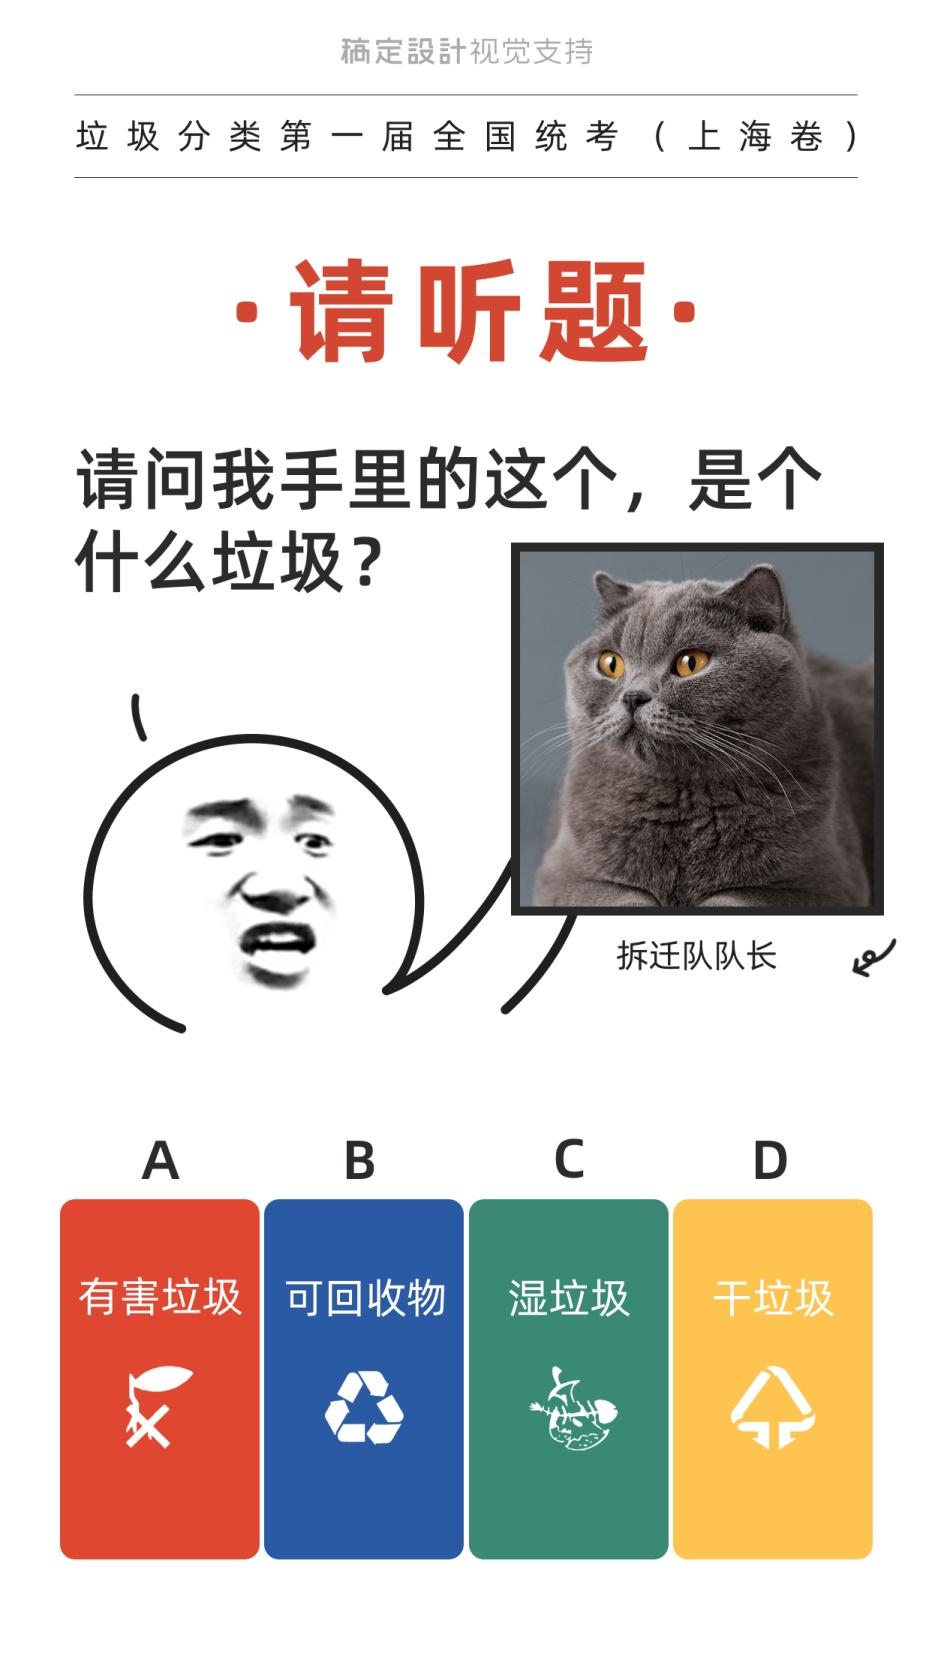 垃圾分类测试题